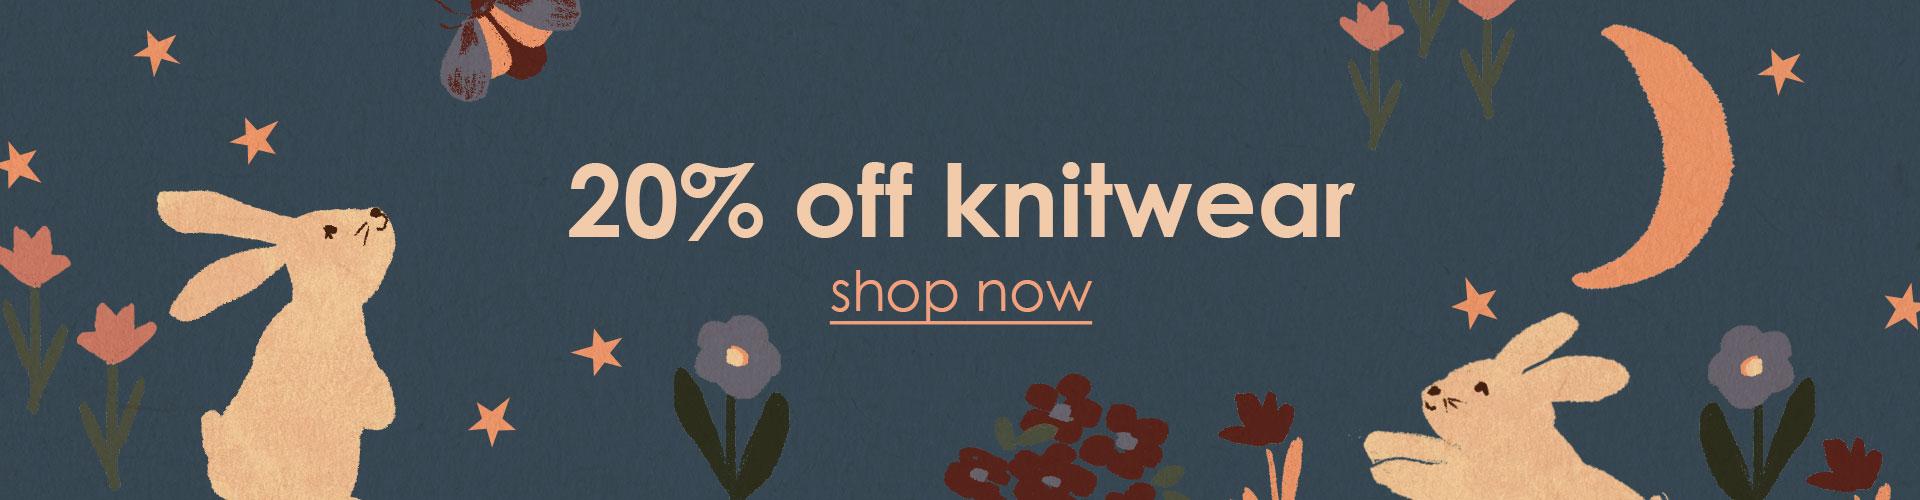 20% off knitwear sale